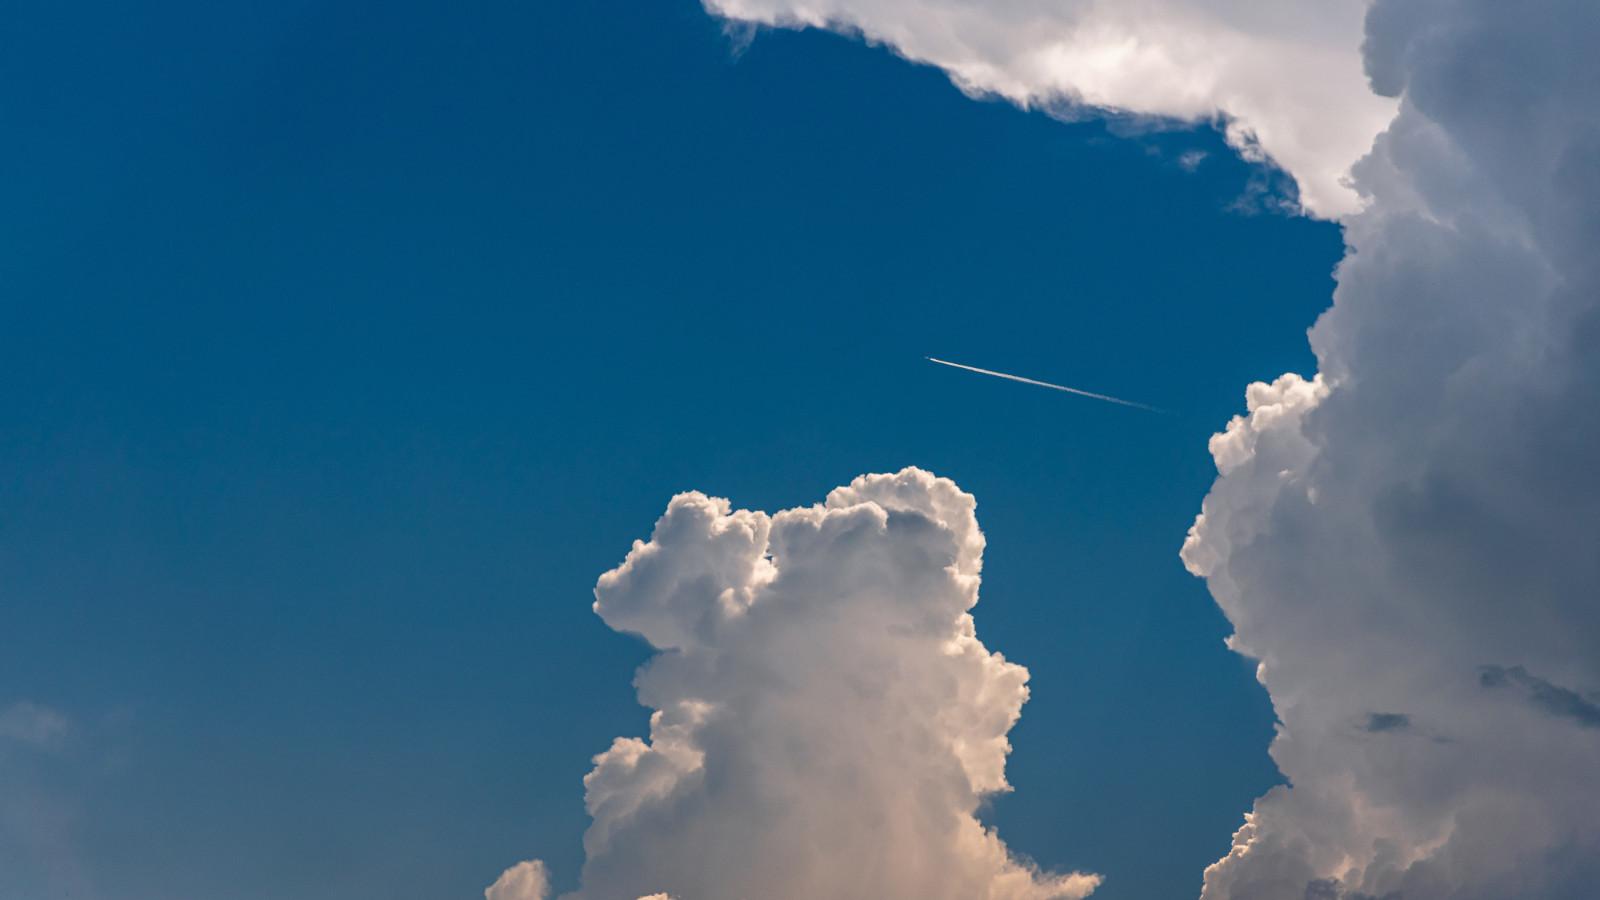 超好看的背景图片壁纸 iPad专享的天空风景高清图片